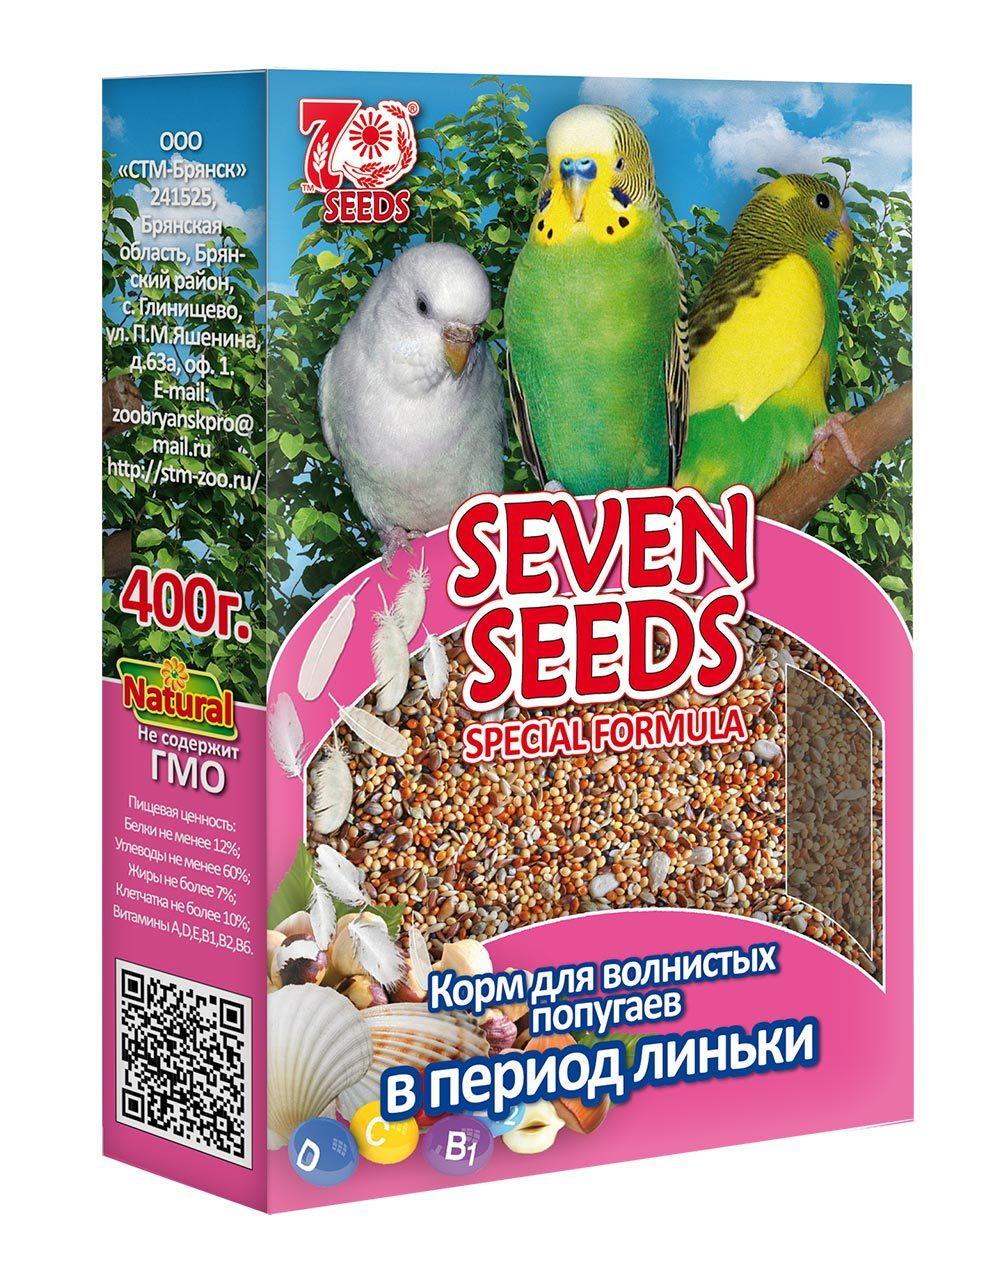 Корм Корм для волнинстых попугаев в период линьки Seven Seeds Special 7-SEEDS-volna-linka.jpg